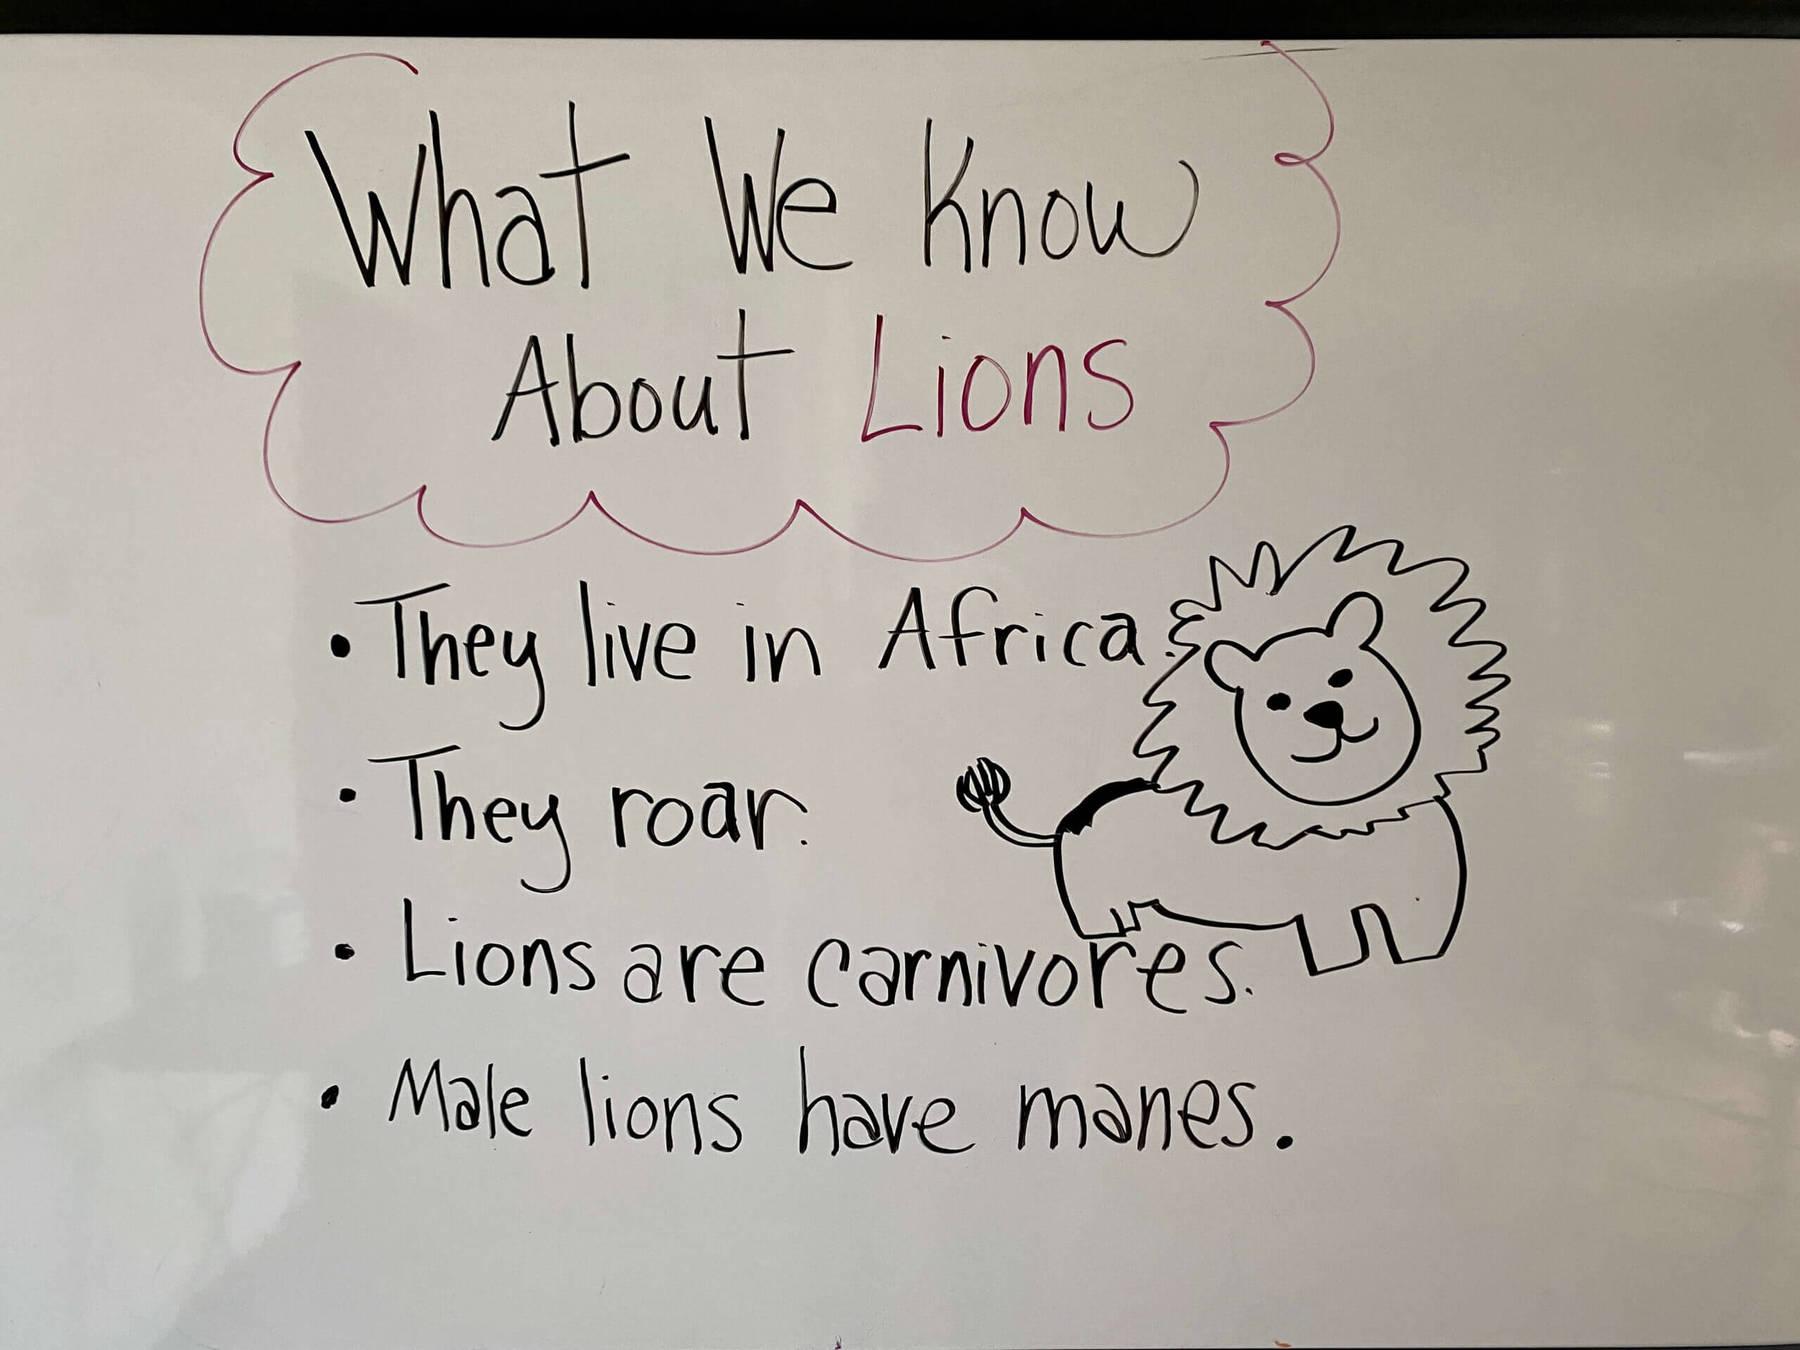 whiteboard kwl on lions